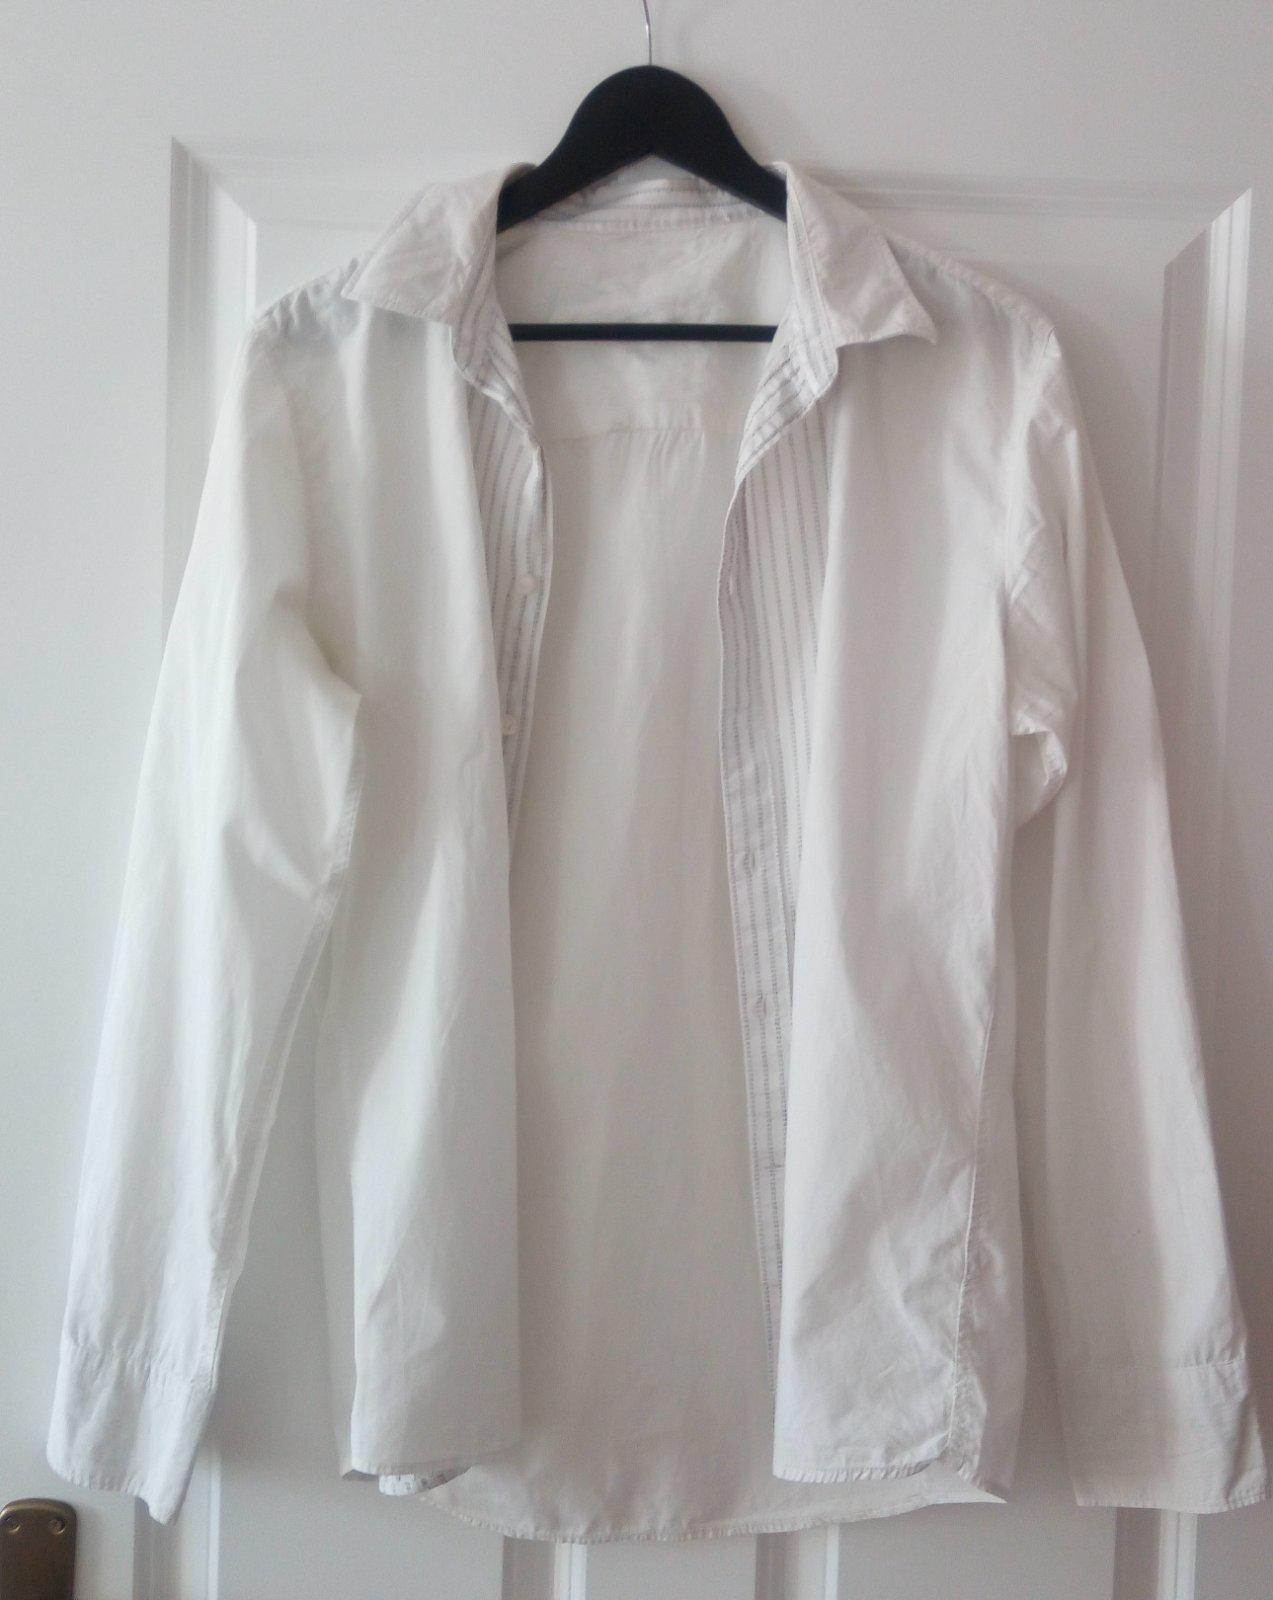 Biela pánska košeľa M, ponožky - Obrázok č. 3